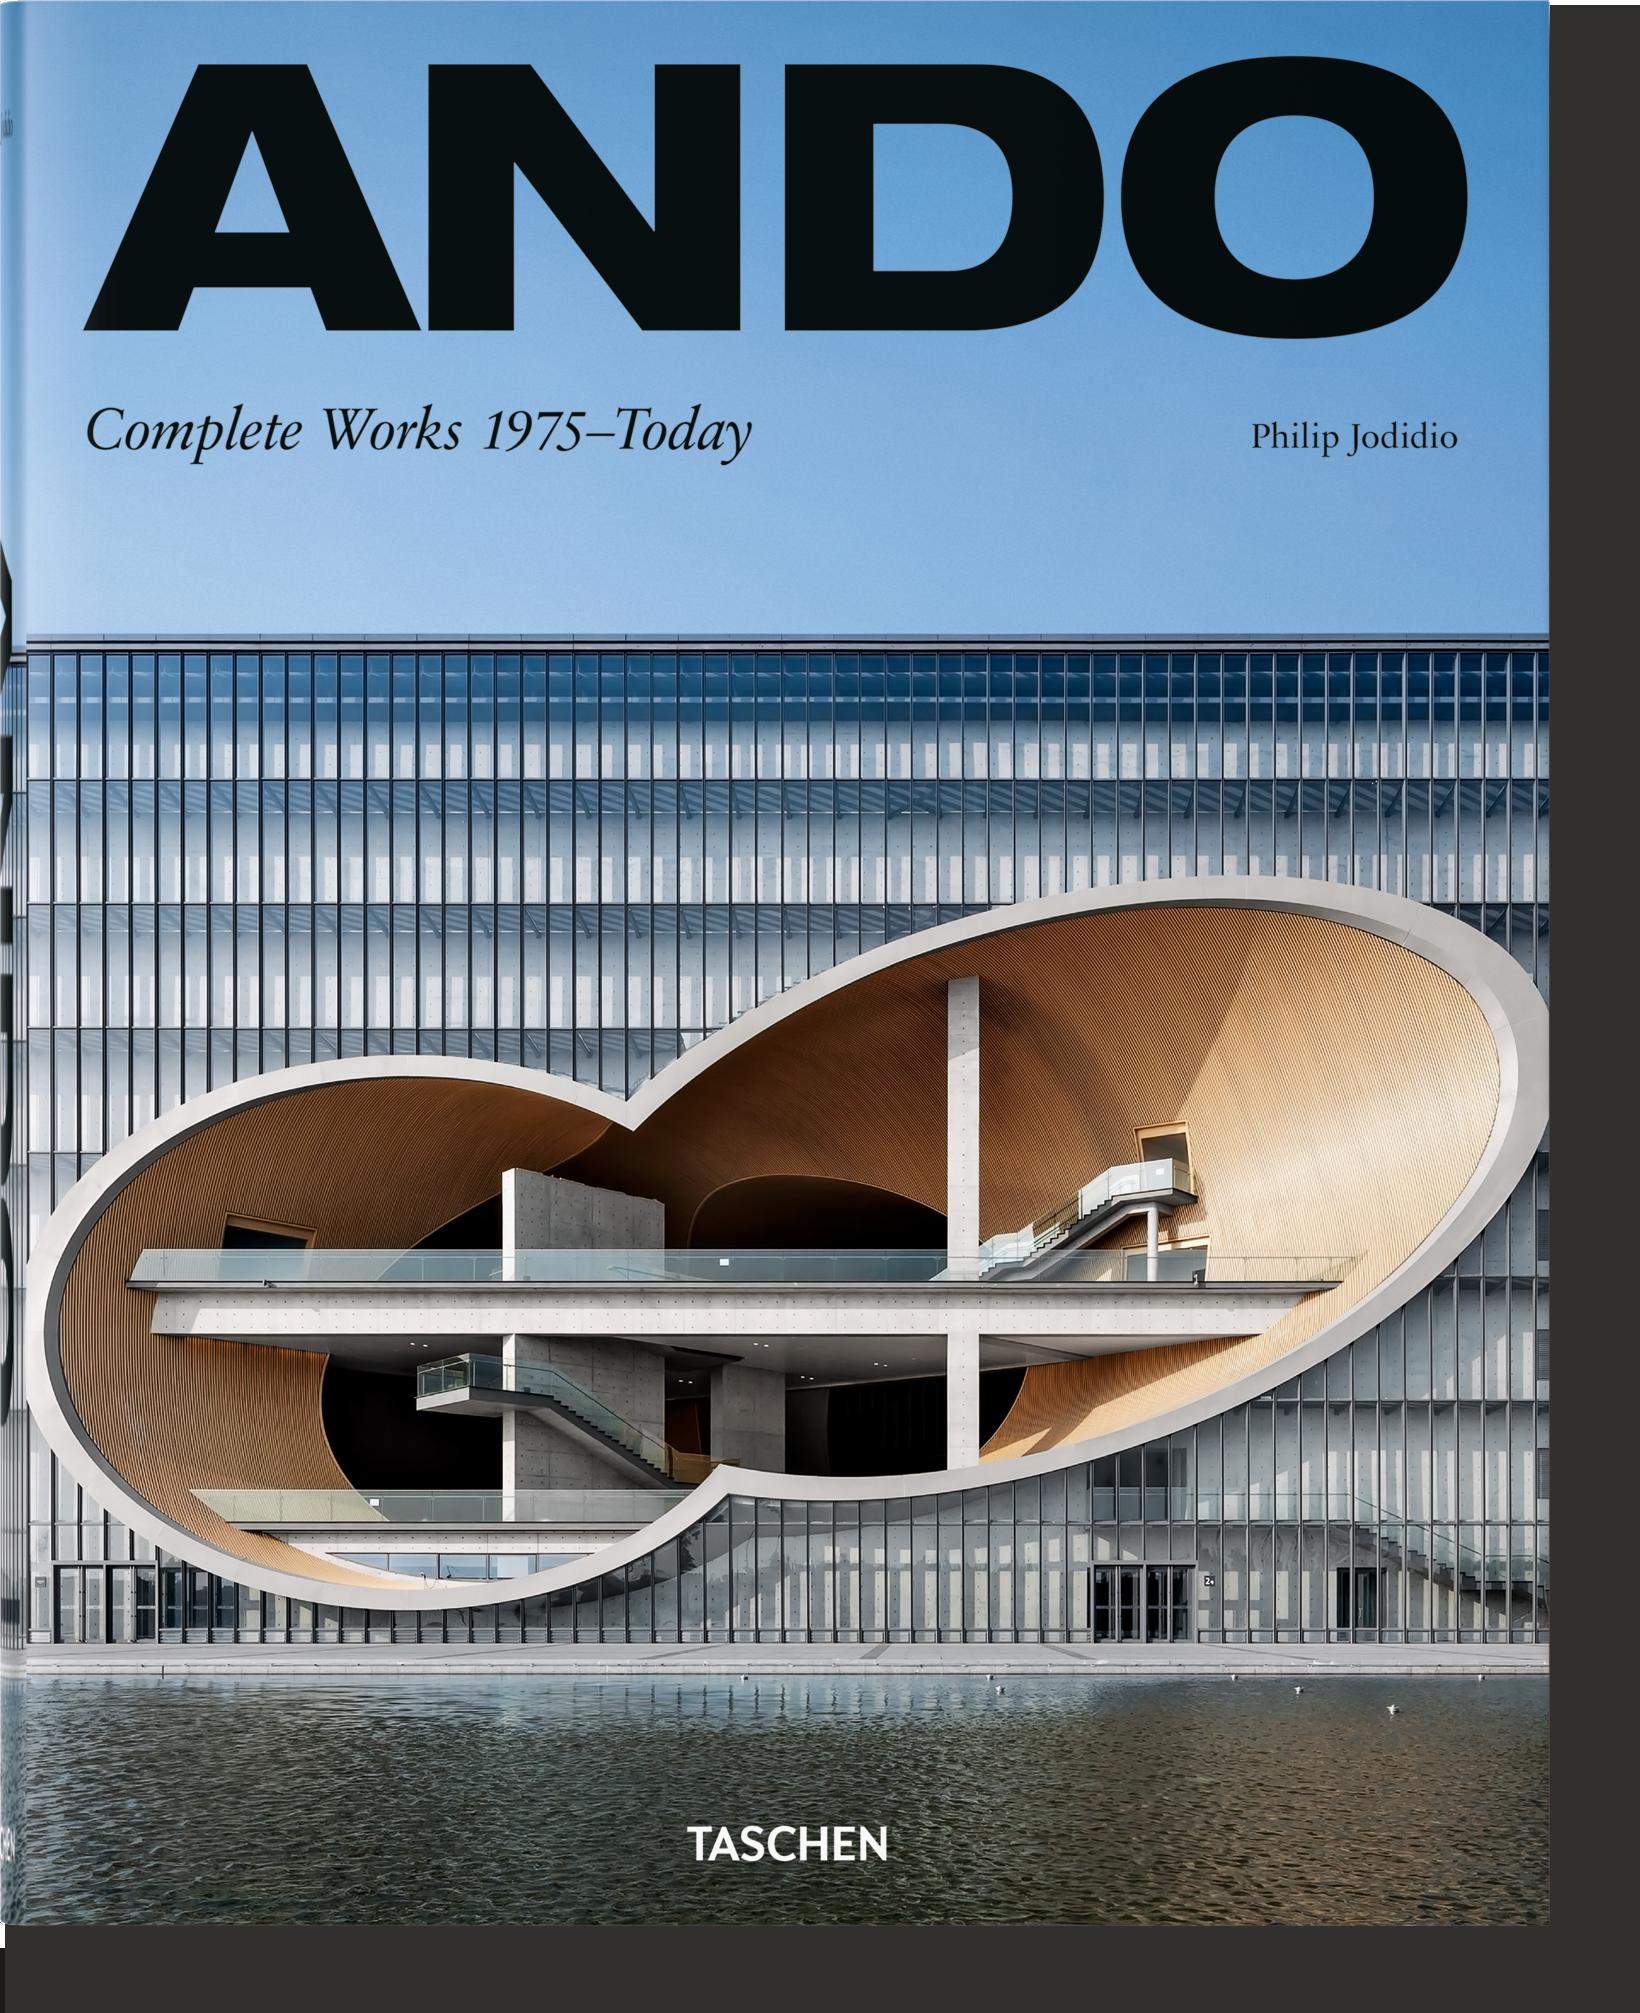 Ando - Jodidio Philip